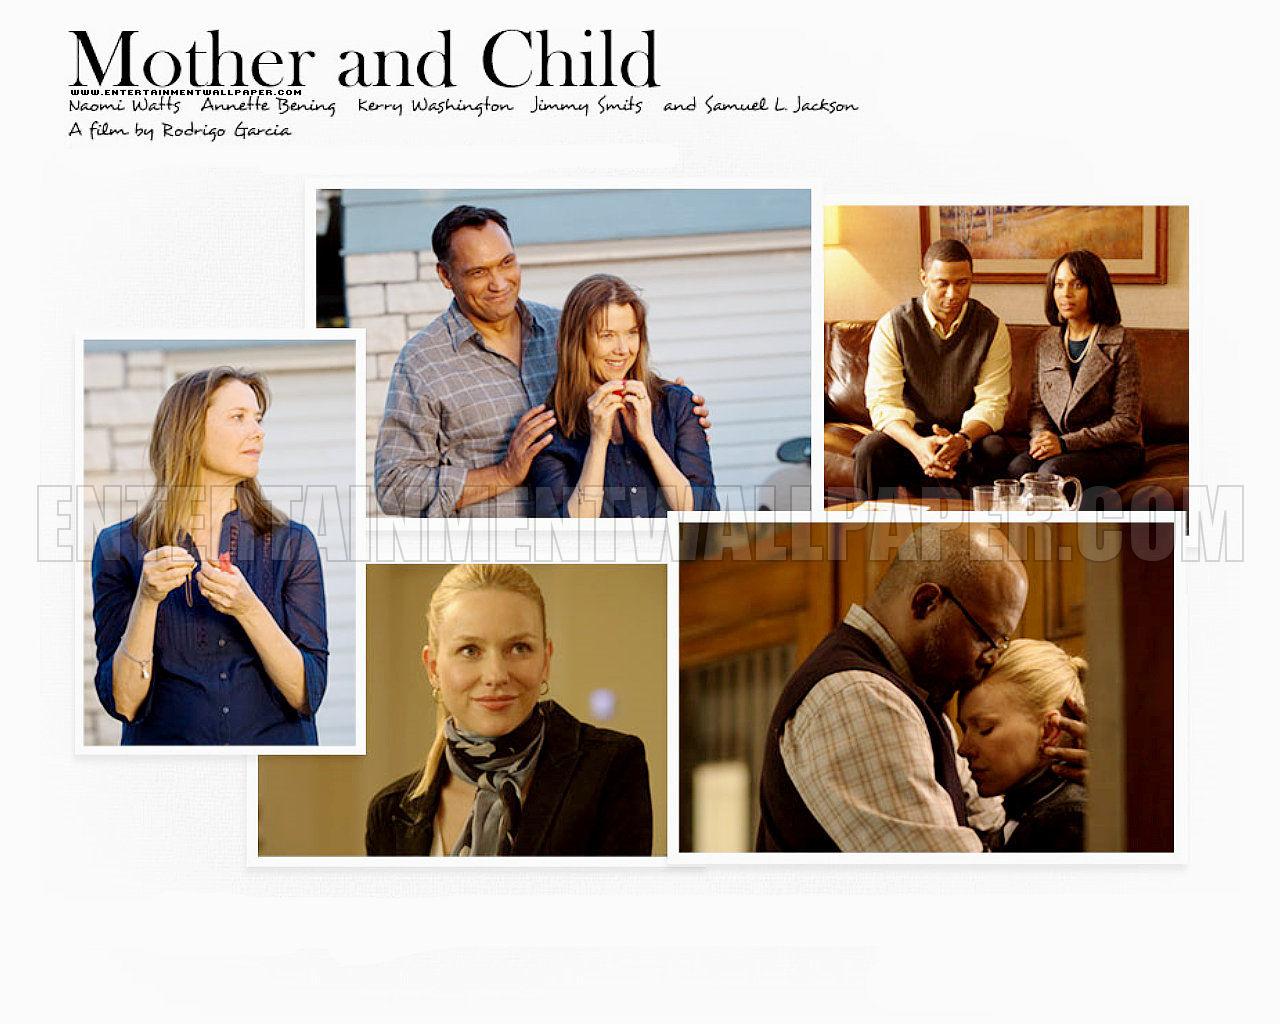 http://3.bp.blogspot.com/_lLzqtaIjavI/TML2cW81tEI/AAAAAAAAJGM/jwLvsacUpdQ/s1600/mother_and_child01.jpg